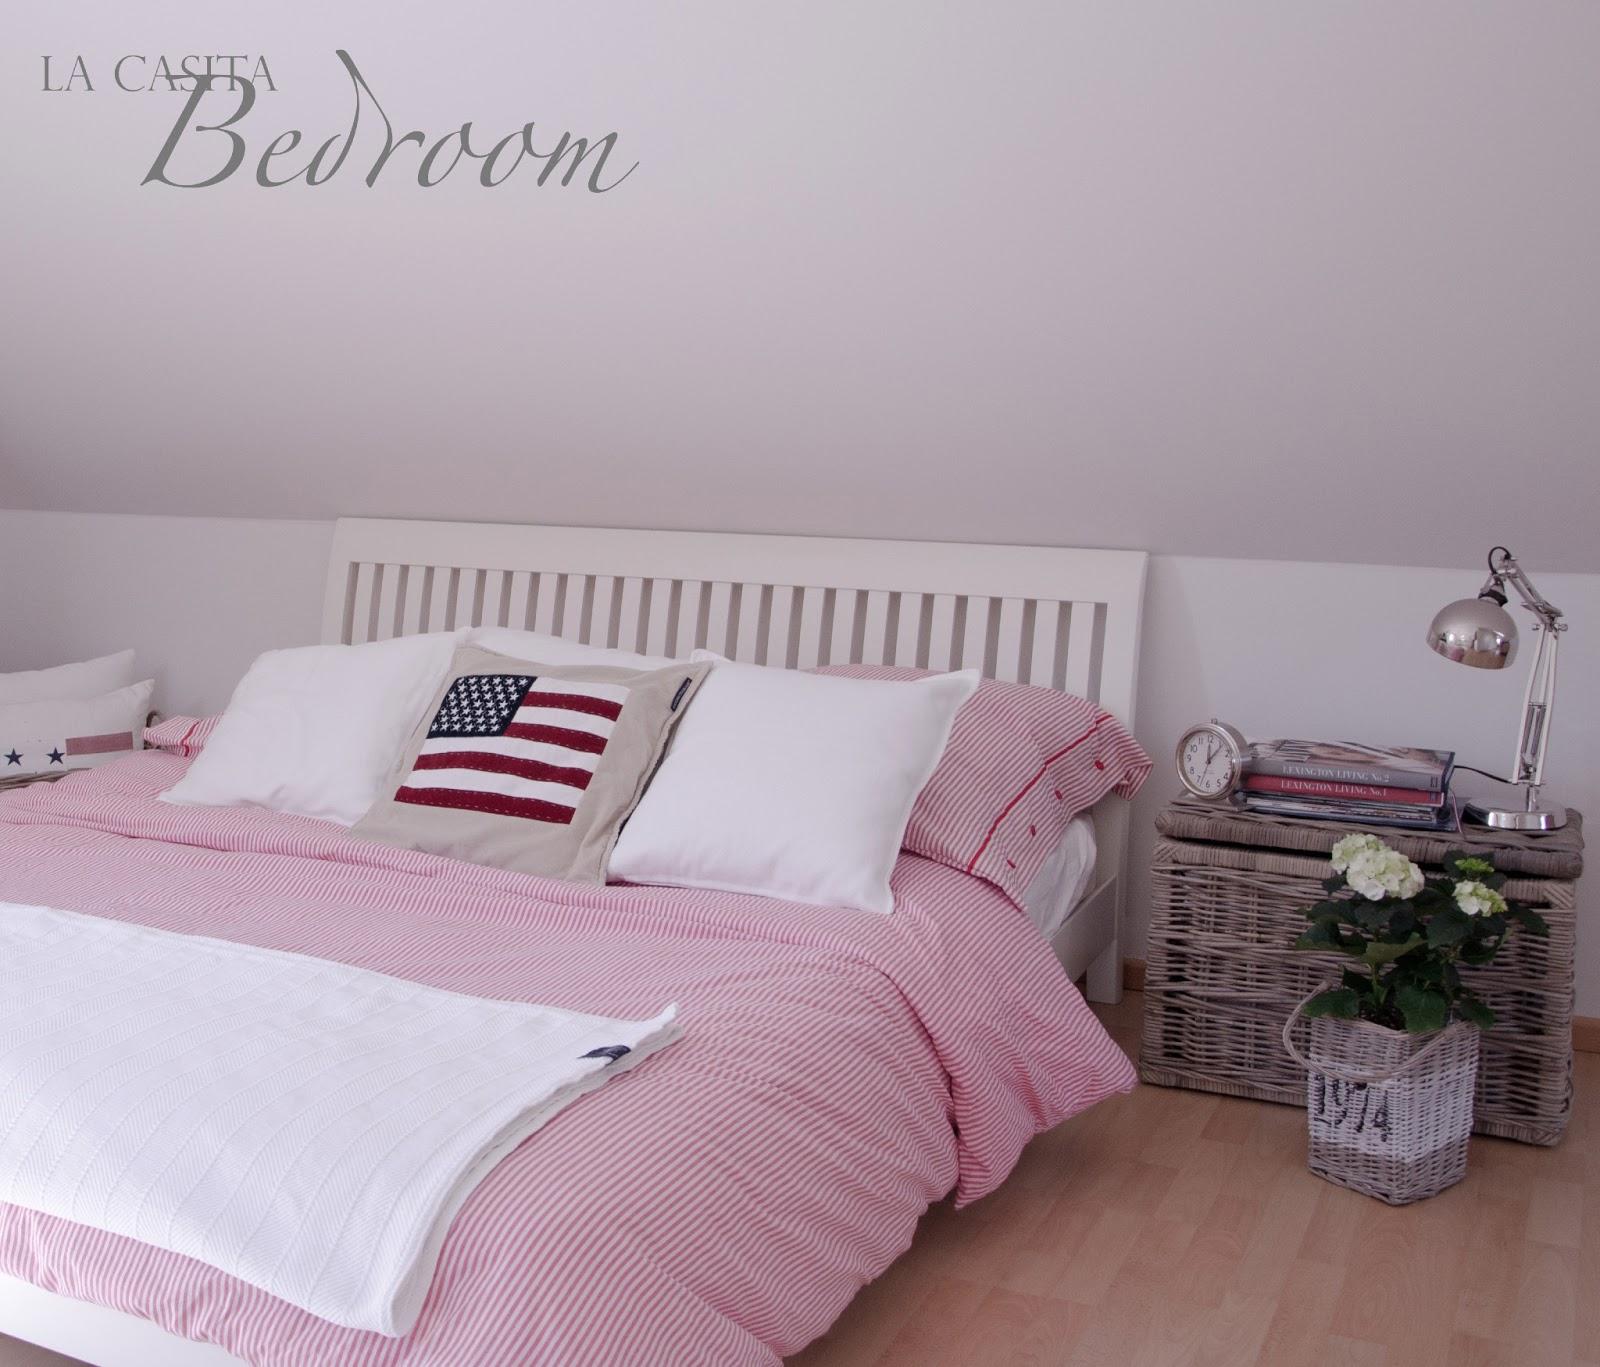 mi peque a casita long island style and bozen bolzano. Black Bedroom Furniture Sets. Home Design Ideas